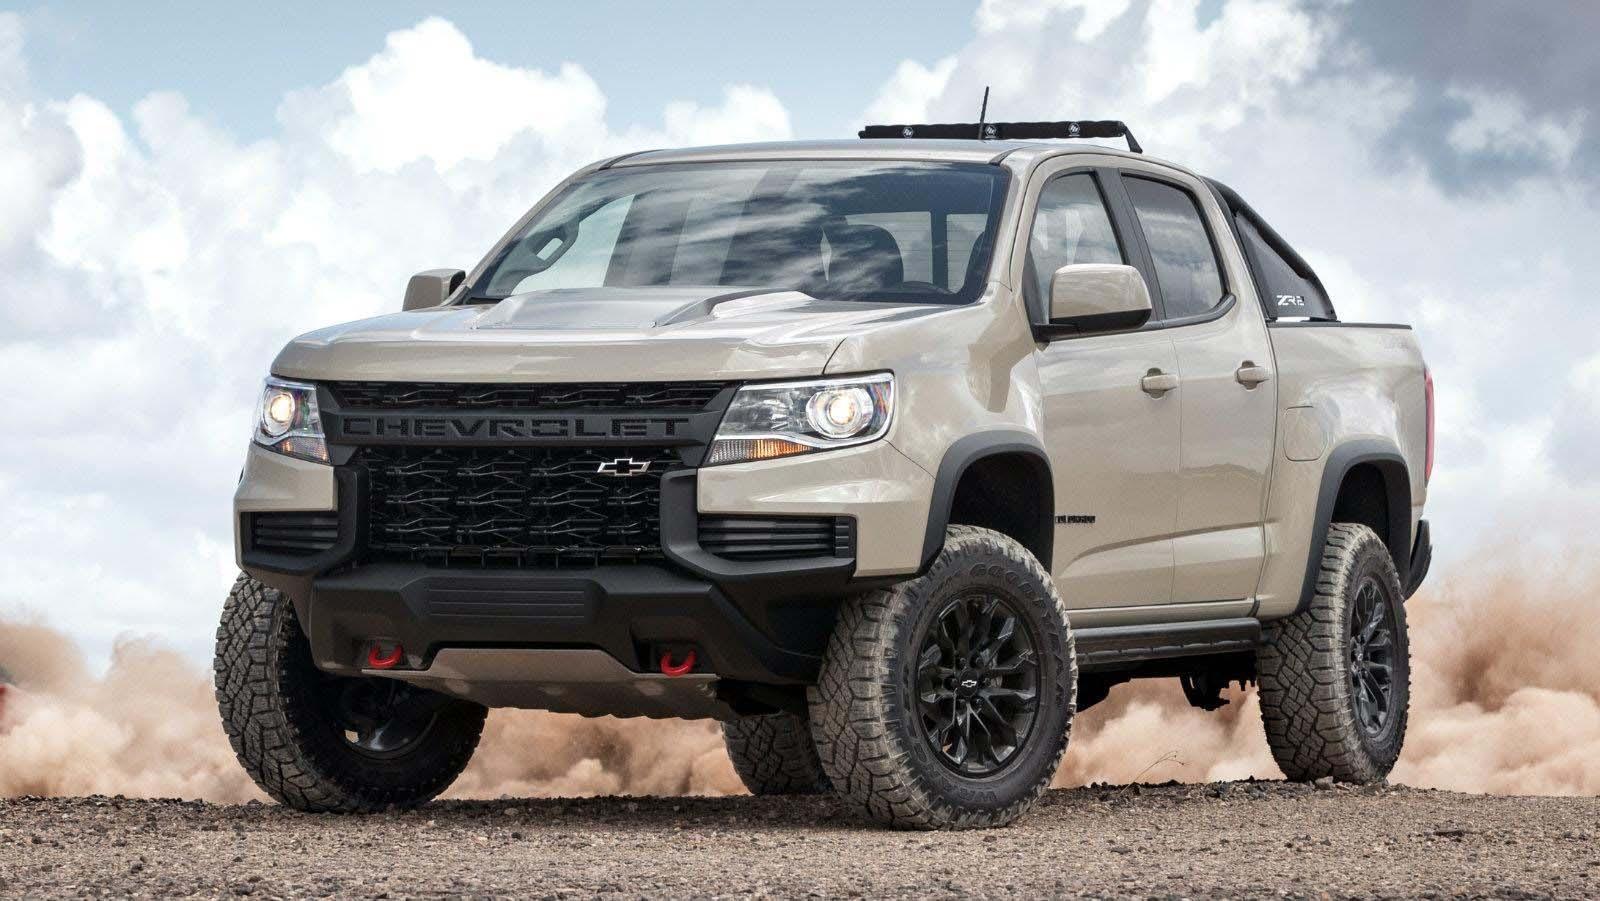 La Chevrolet Colorado 2021 tendrá una imagen renovada